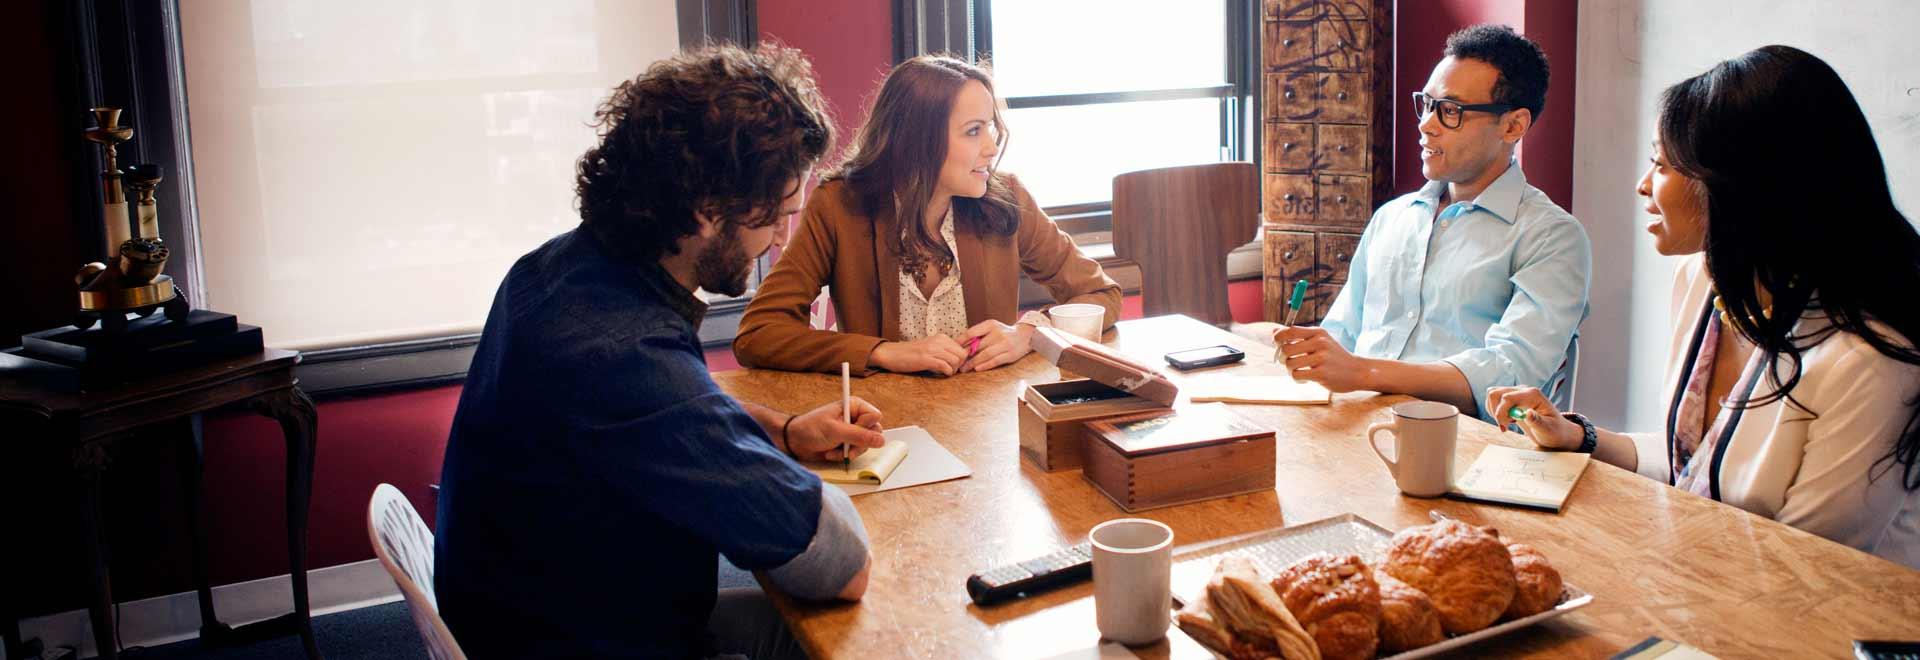 Bốn người đang làm việc trong văn phòng, sử dụng Office 365 Enterprise E3.